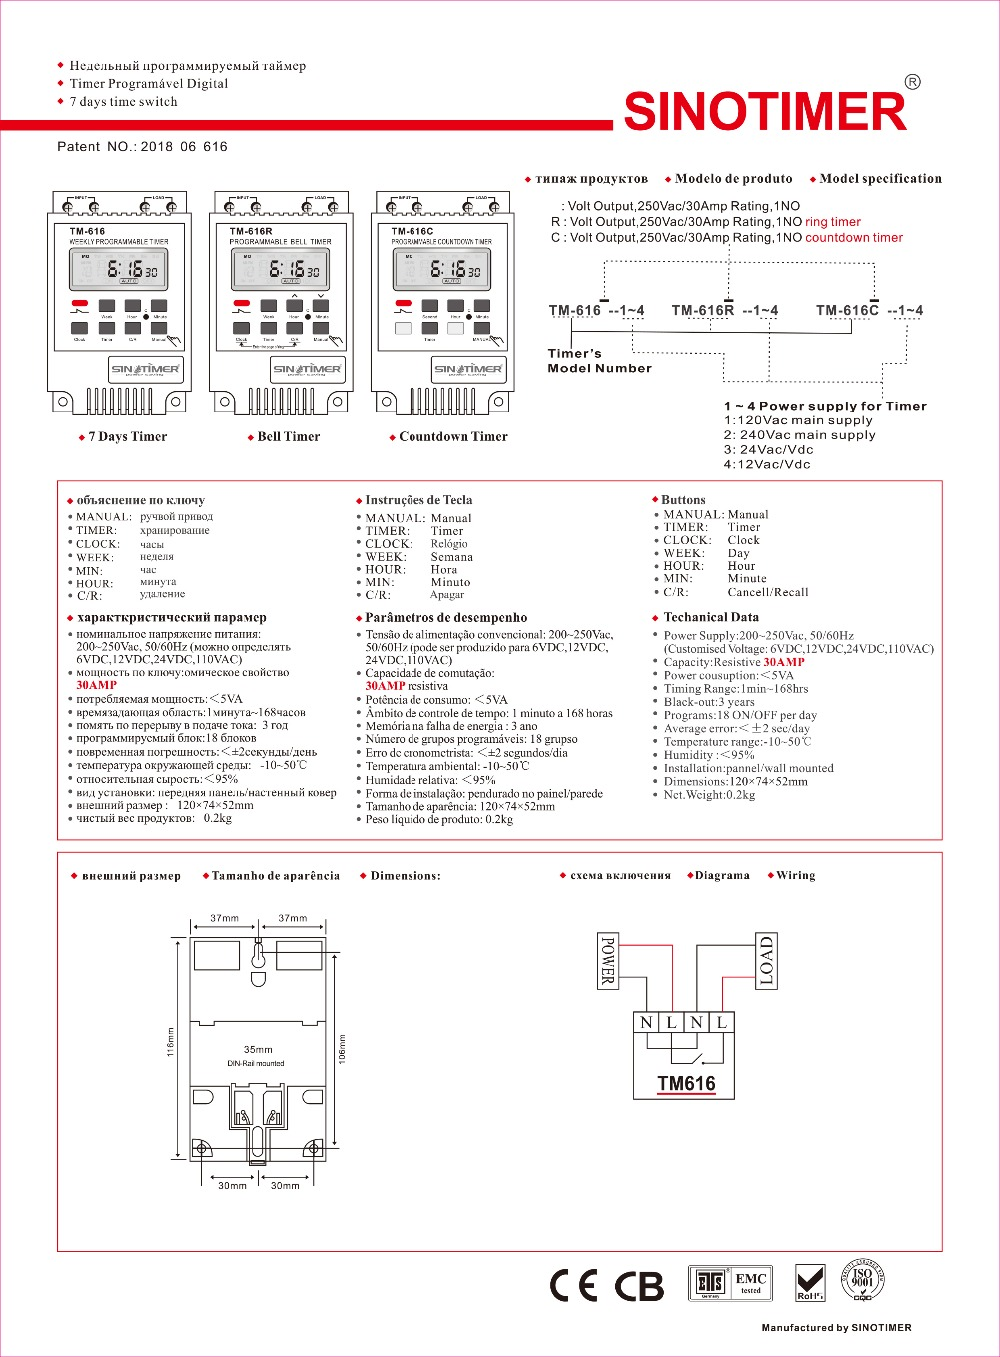 SINOTIMER 30 амперный Еженедельный программируемый цифровой таймер переключатель управления реле таймер 12В DIN-рейку, одно качество, гарантия года